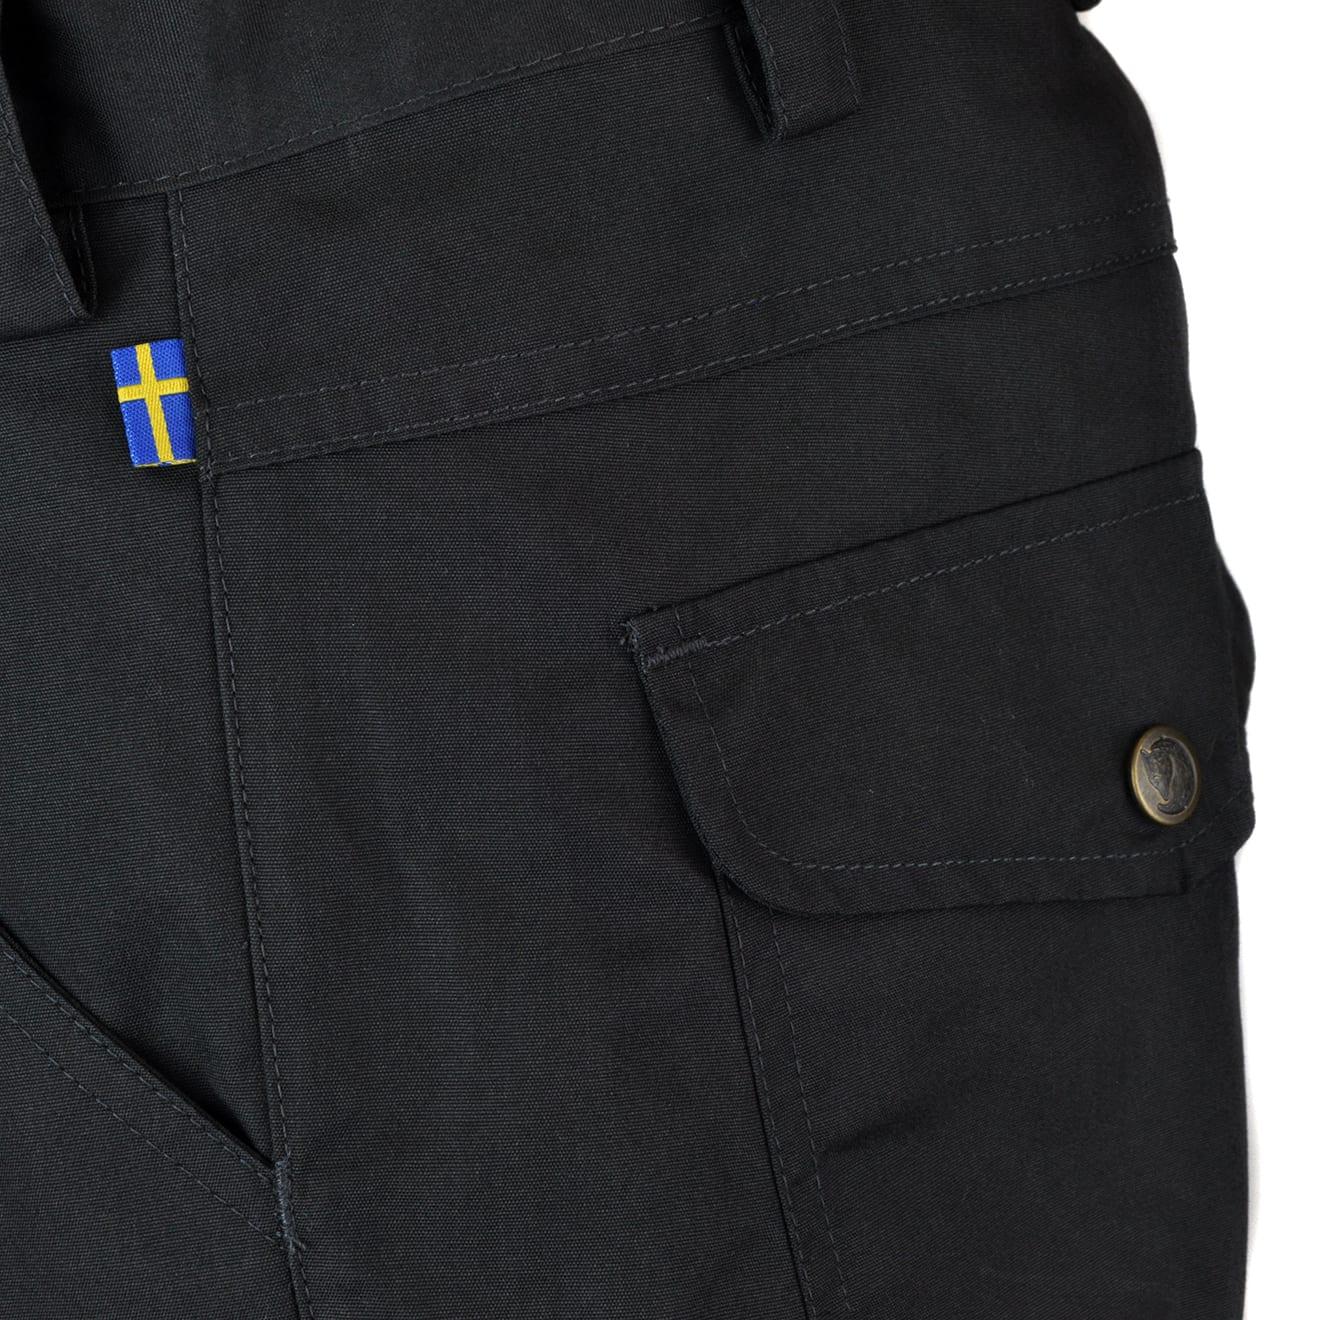 suche nach neuesten super günstig im vergleich zu Original kaufen Fjallraven Barents Pro Jeans Dark Grey / Dark Grey - The Sporting Lodge